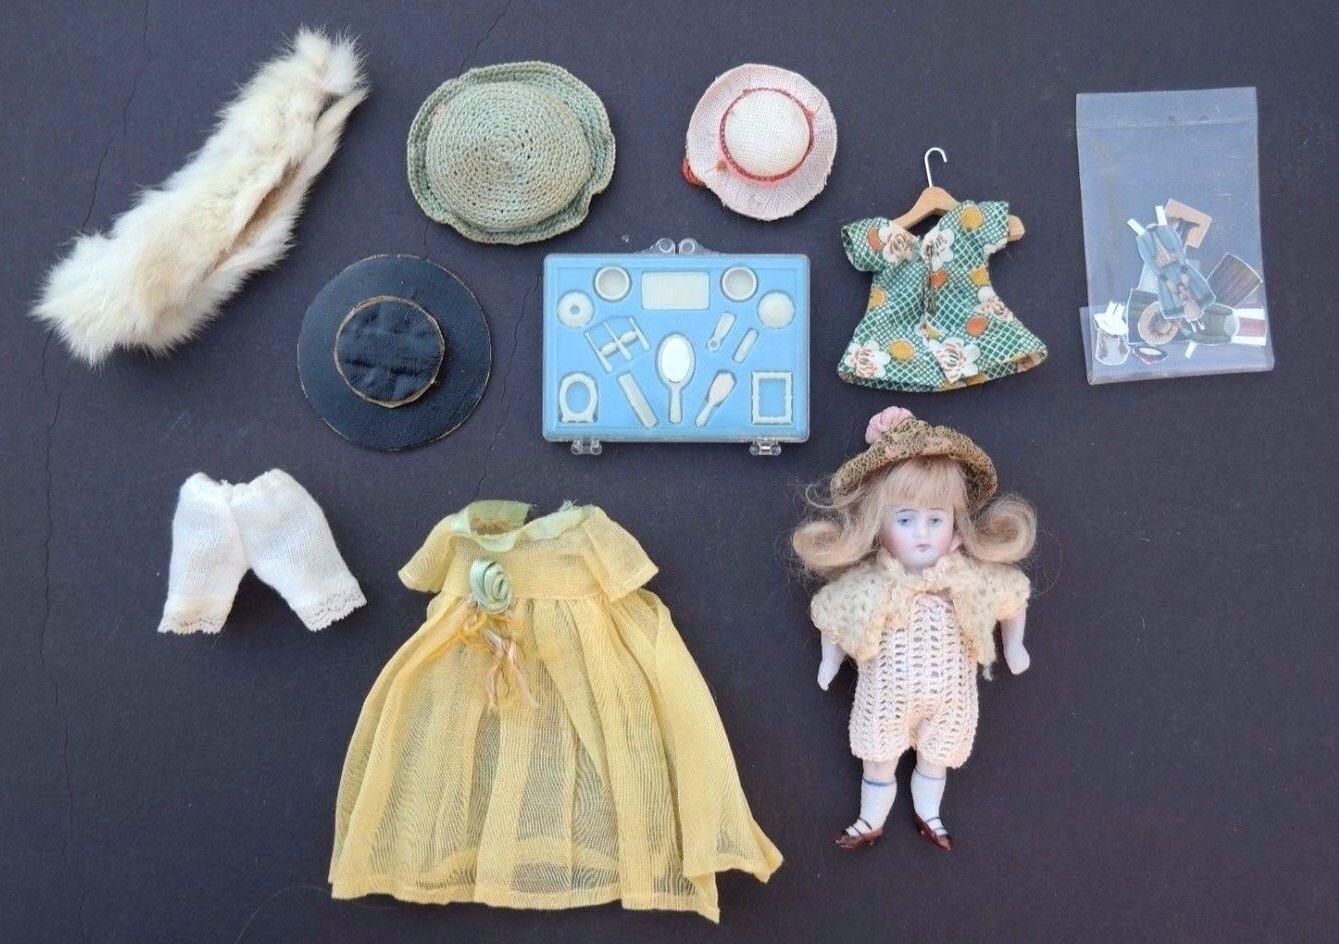 De Colección Década de 1900 Muñeca Biscuit Mini 4  Kestner Antiguo Pintado Calcetines 130 072 & ACC